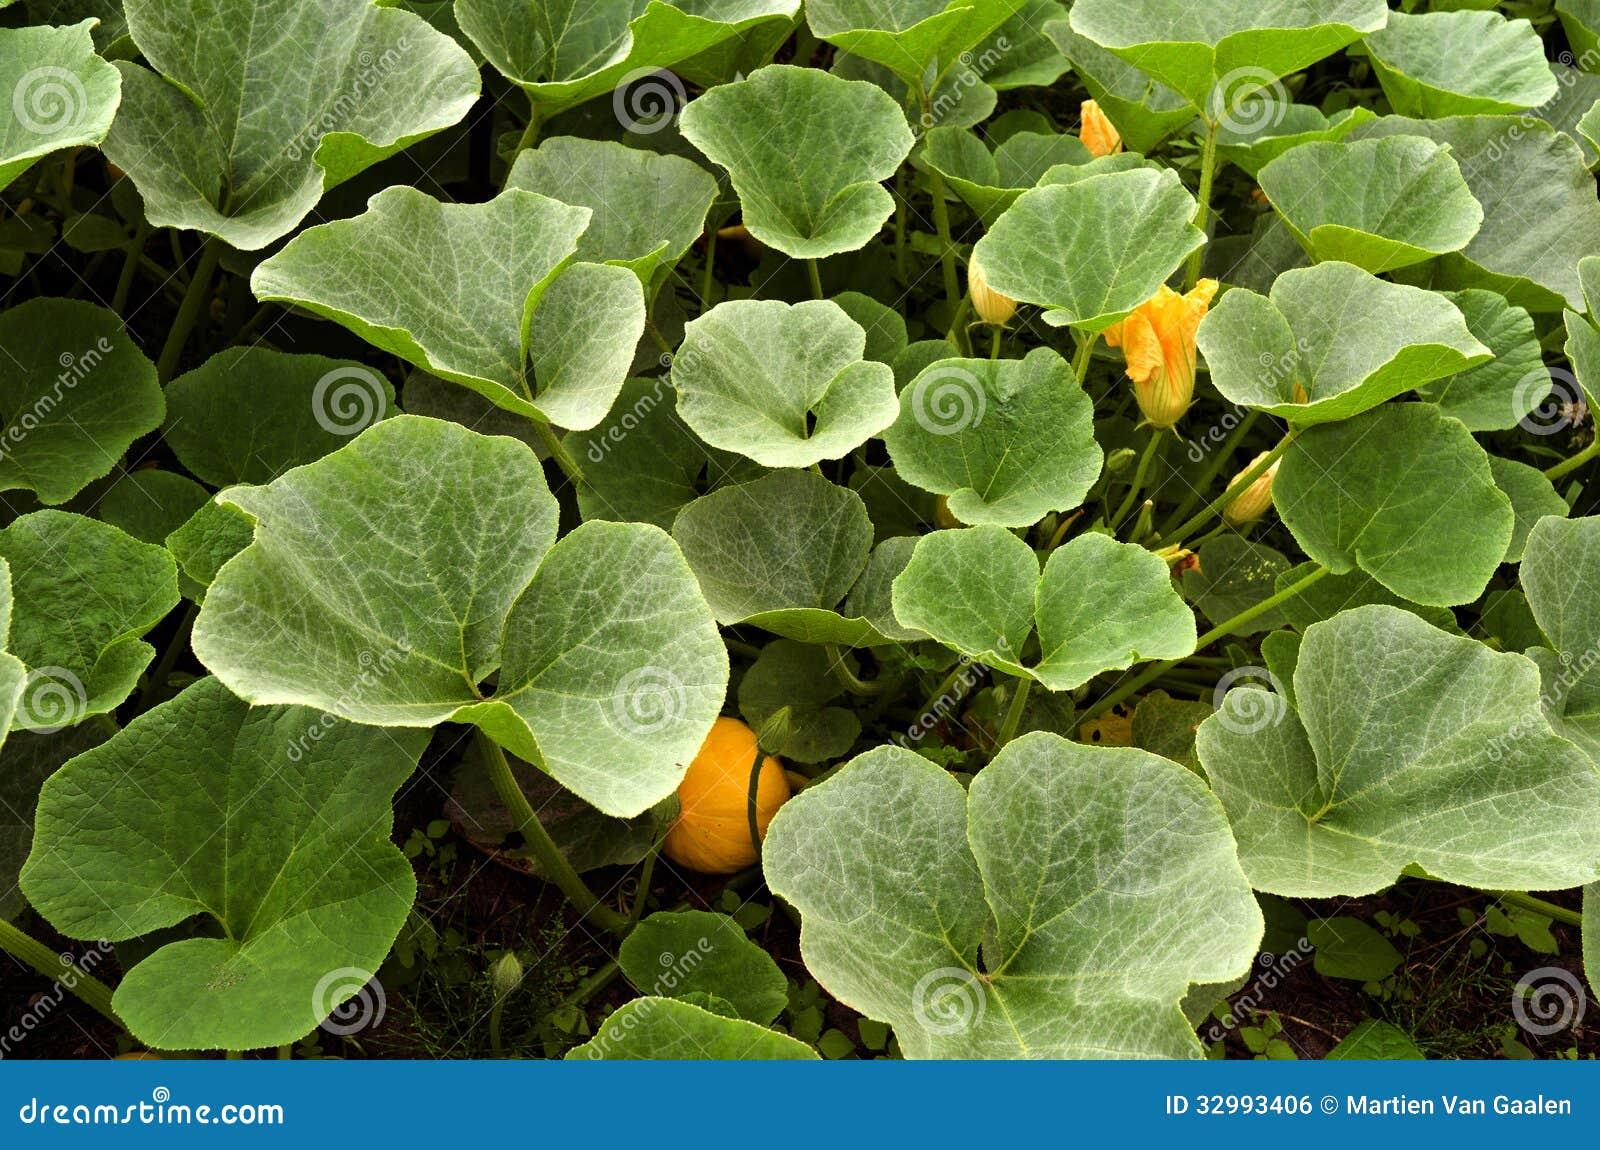 南瓜植物在有机菜园里。